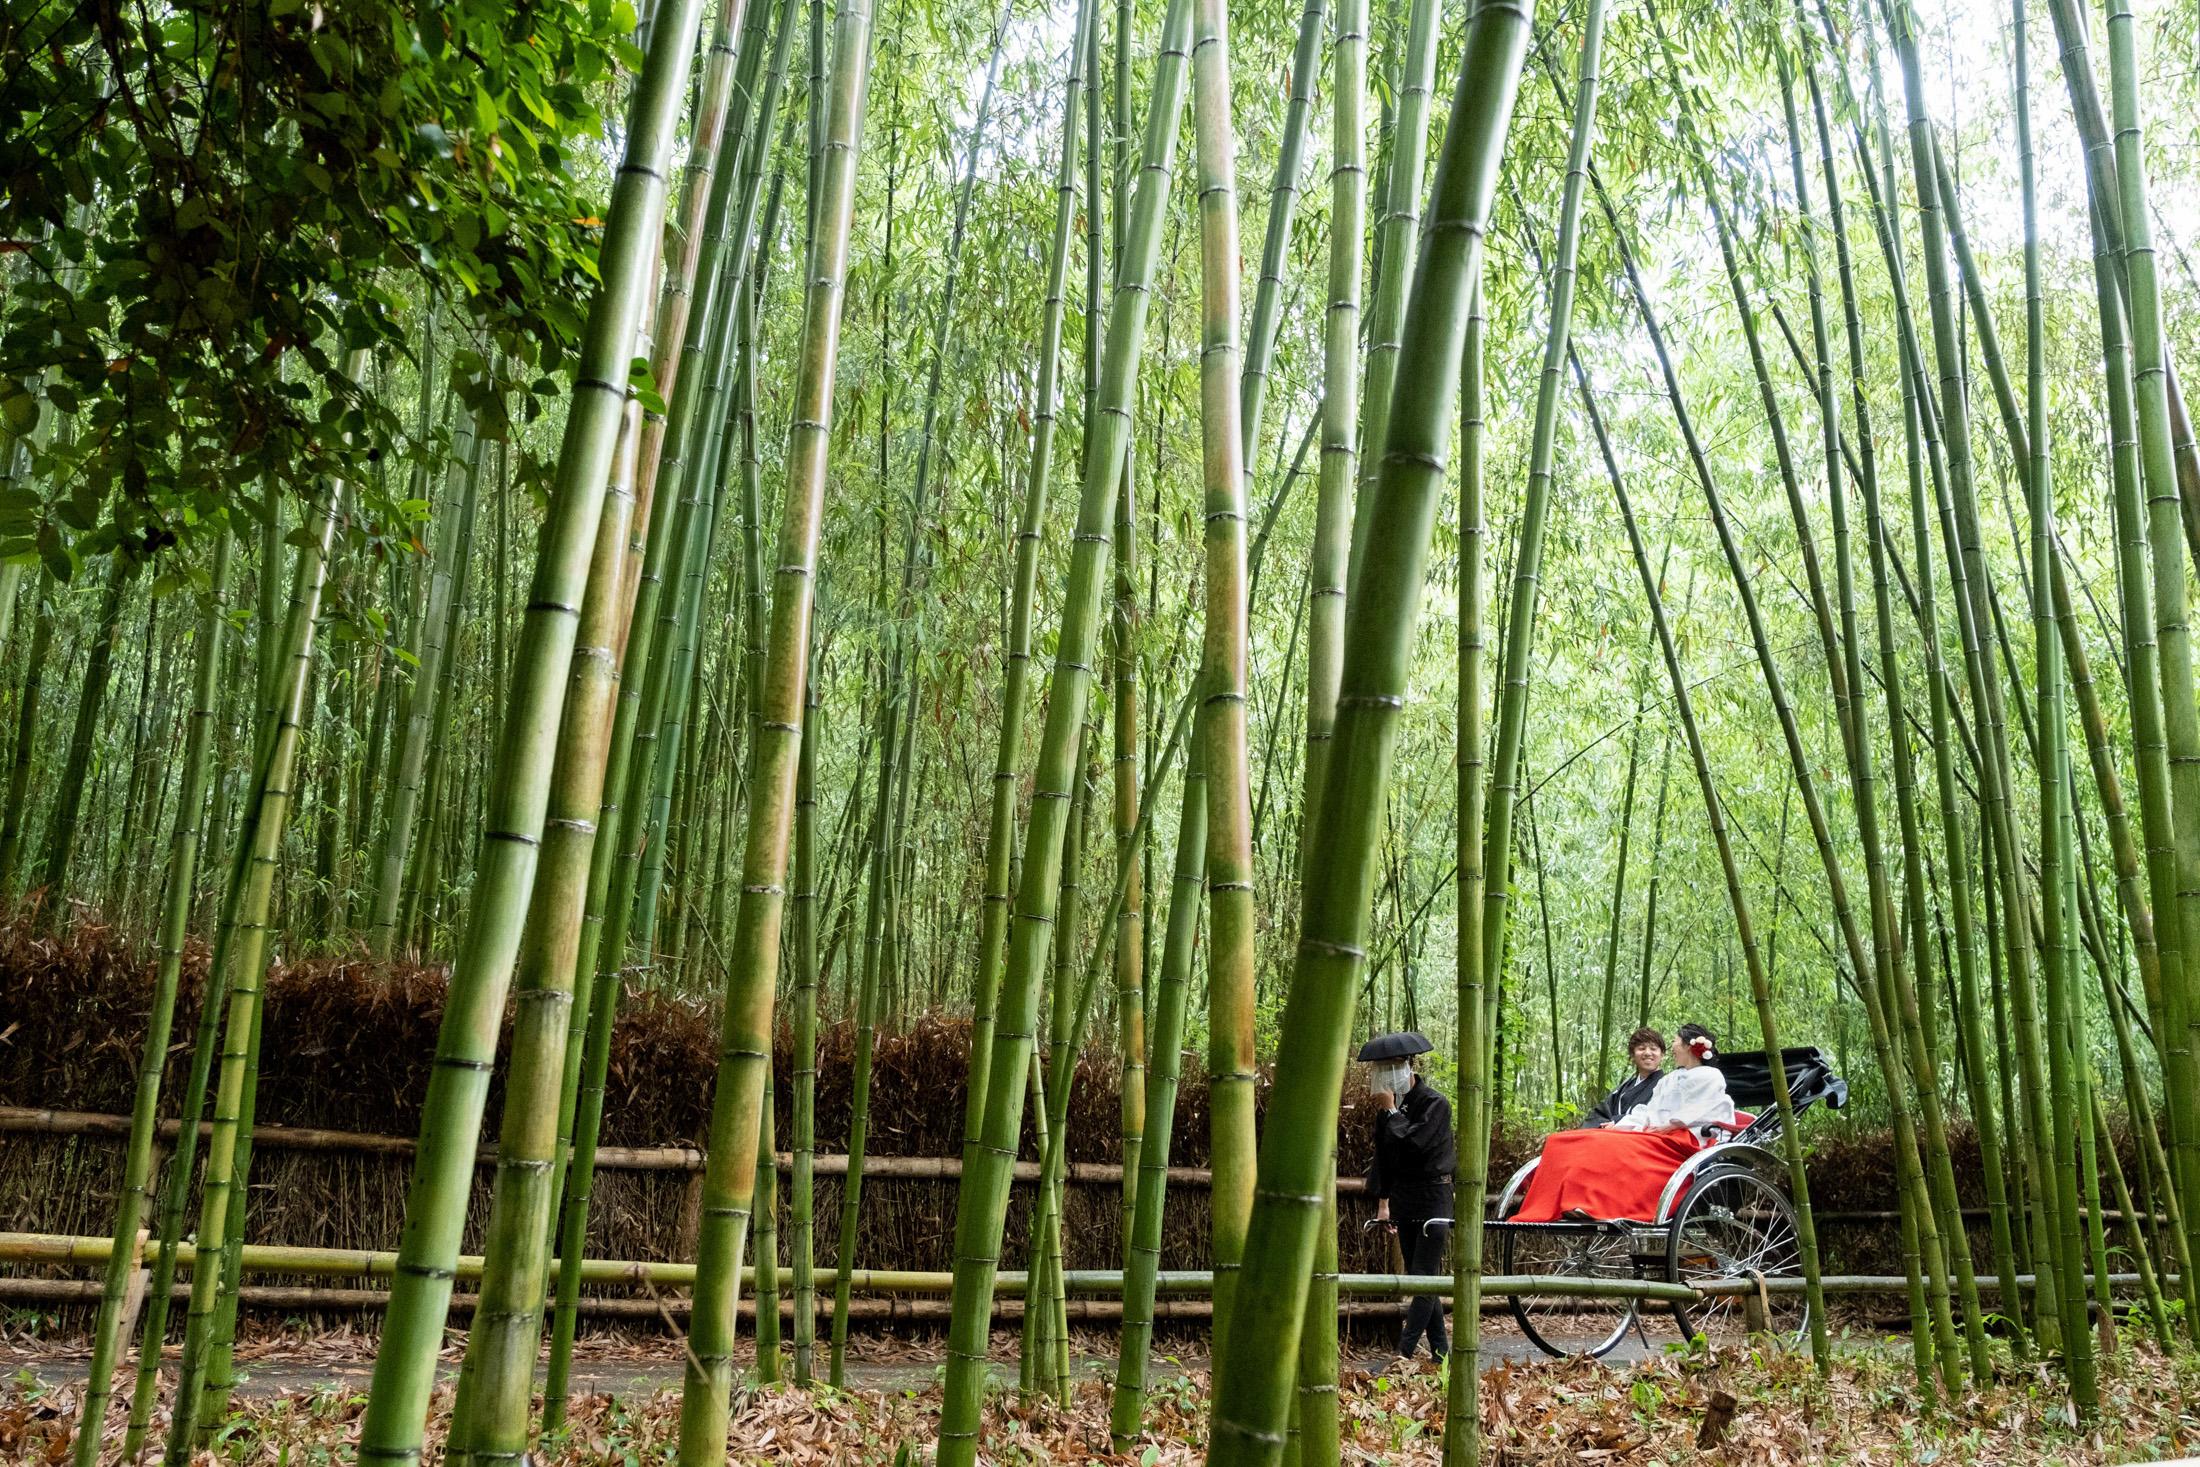 嵐山で人力車に乗って前撮り